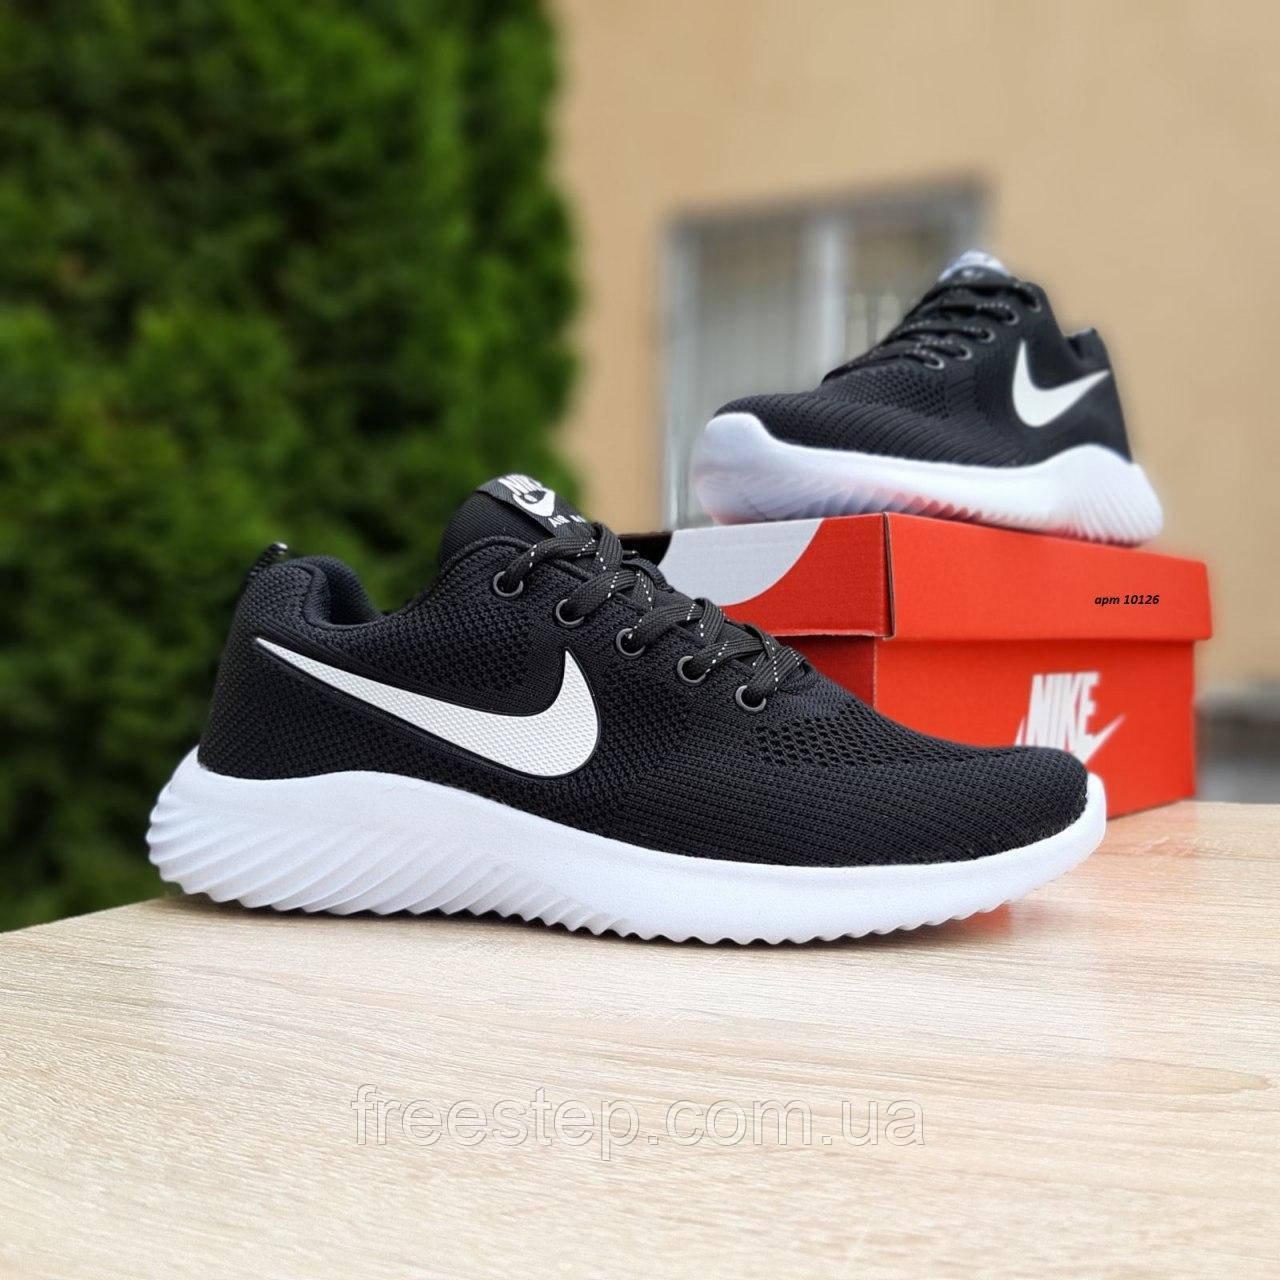 Чоловічі кросівки в стилі NIKE Air Max чорні на білому